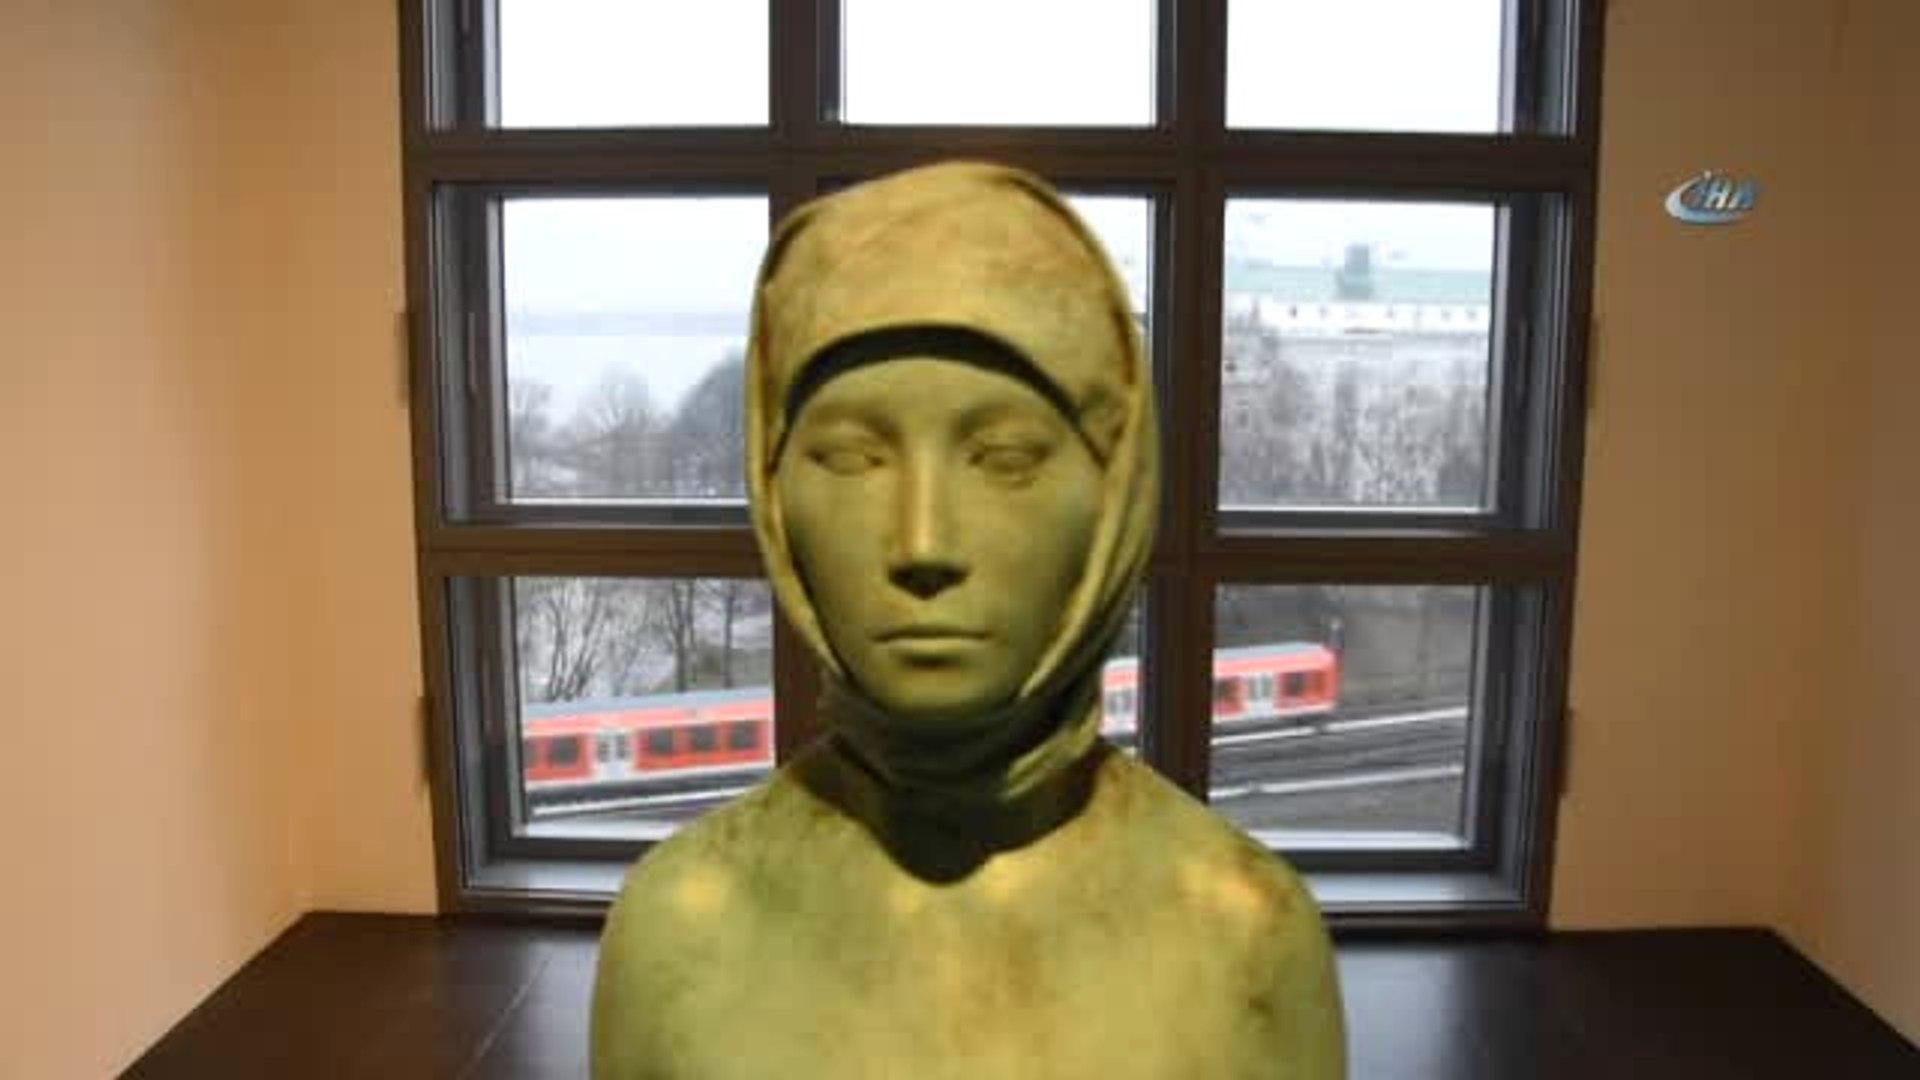 Almanya'da Skandal! Başörtülü Çıplak Kadın Heykeli Yeniden Ortaya Çıktı- Provokasyon Heykeli Bu